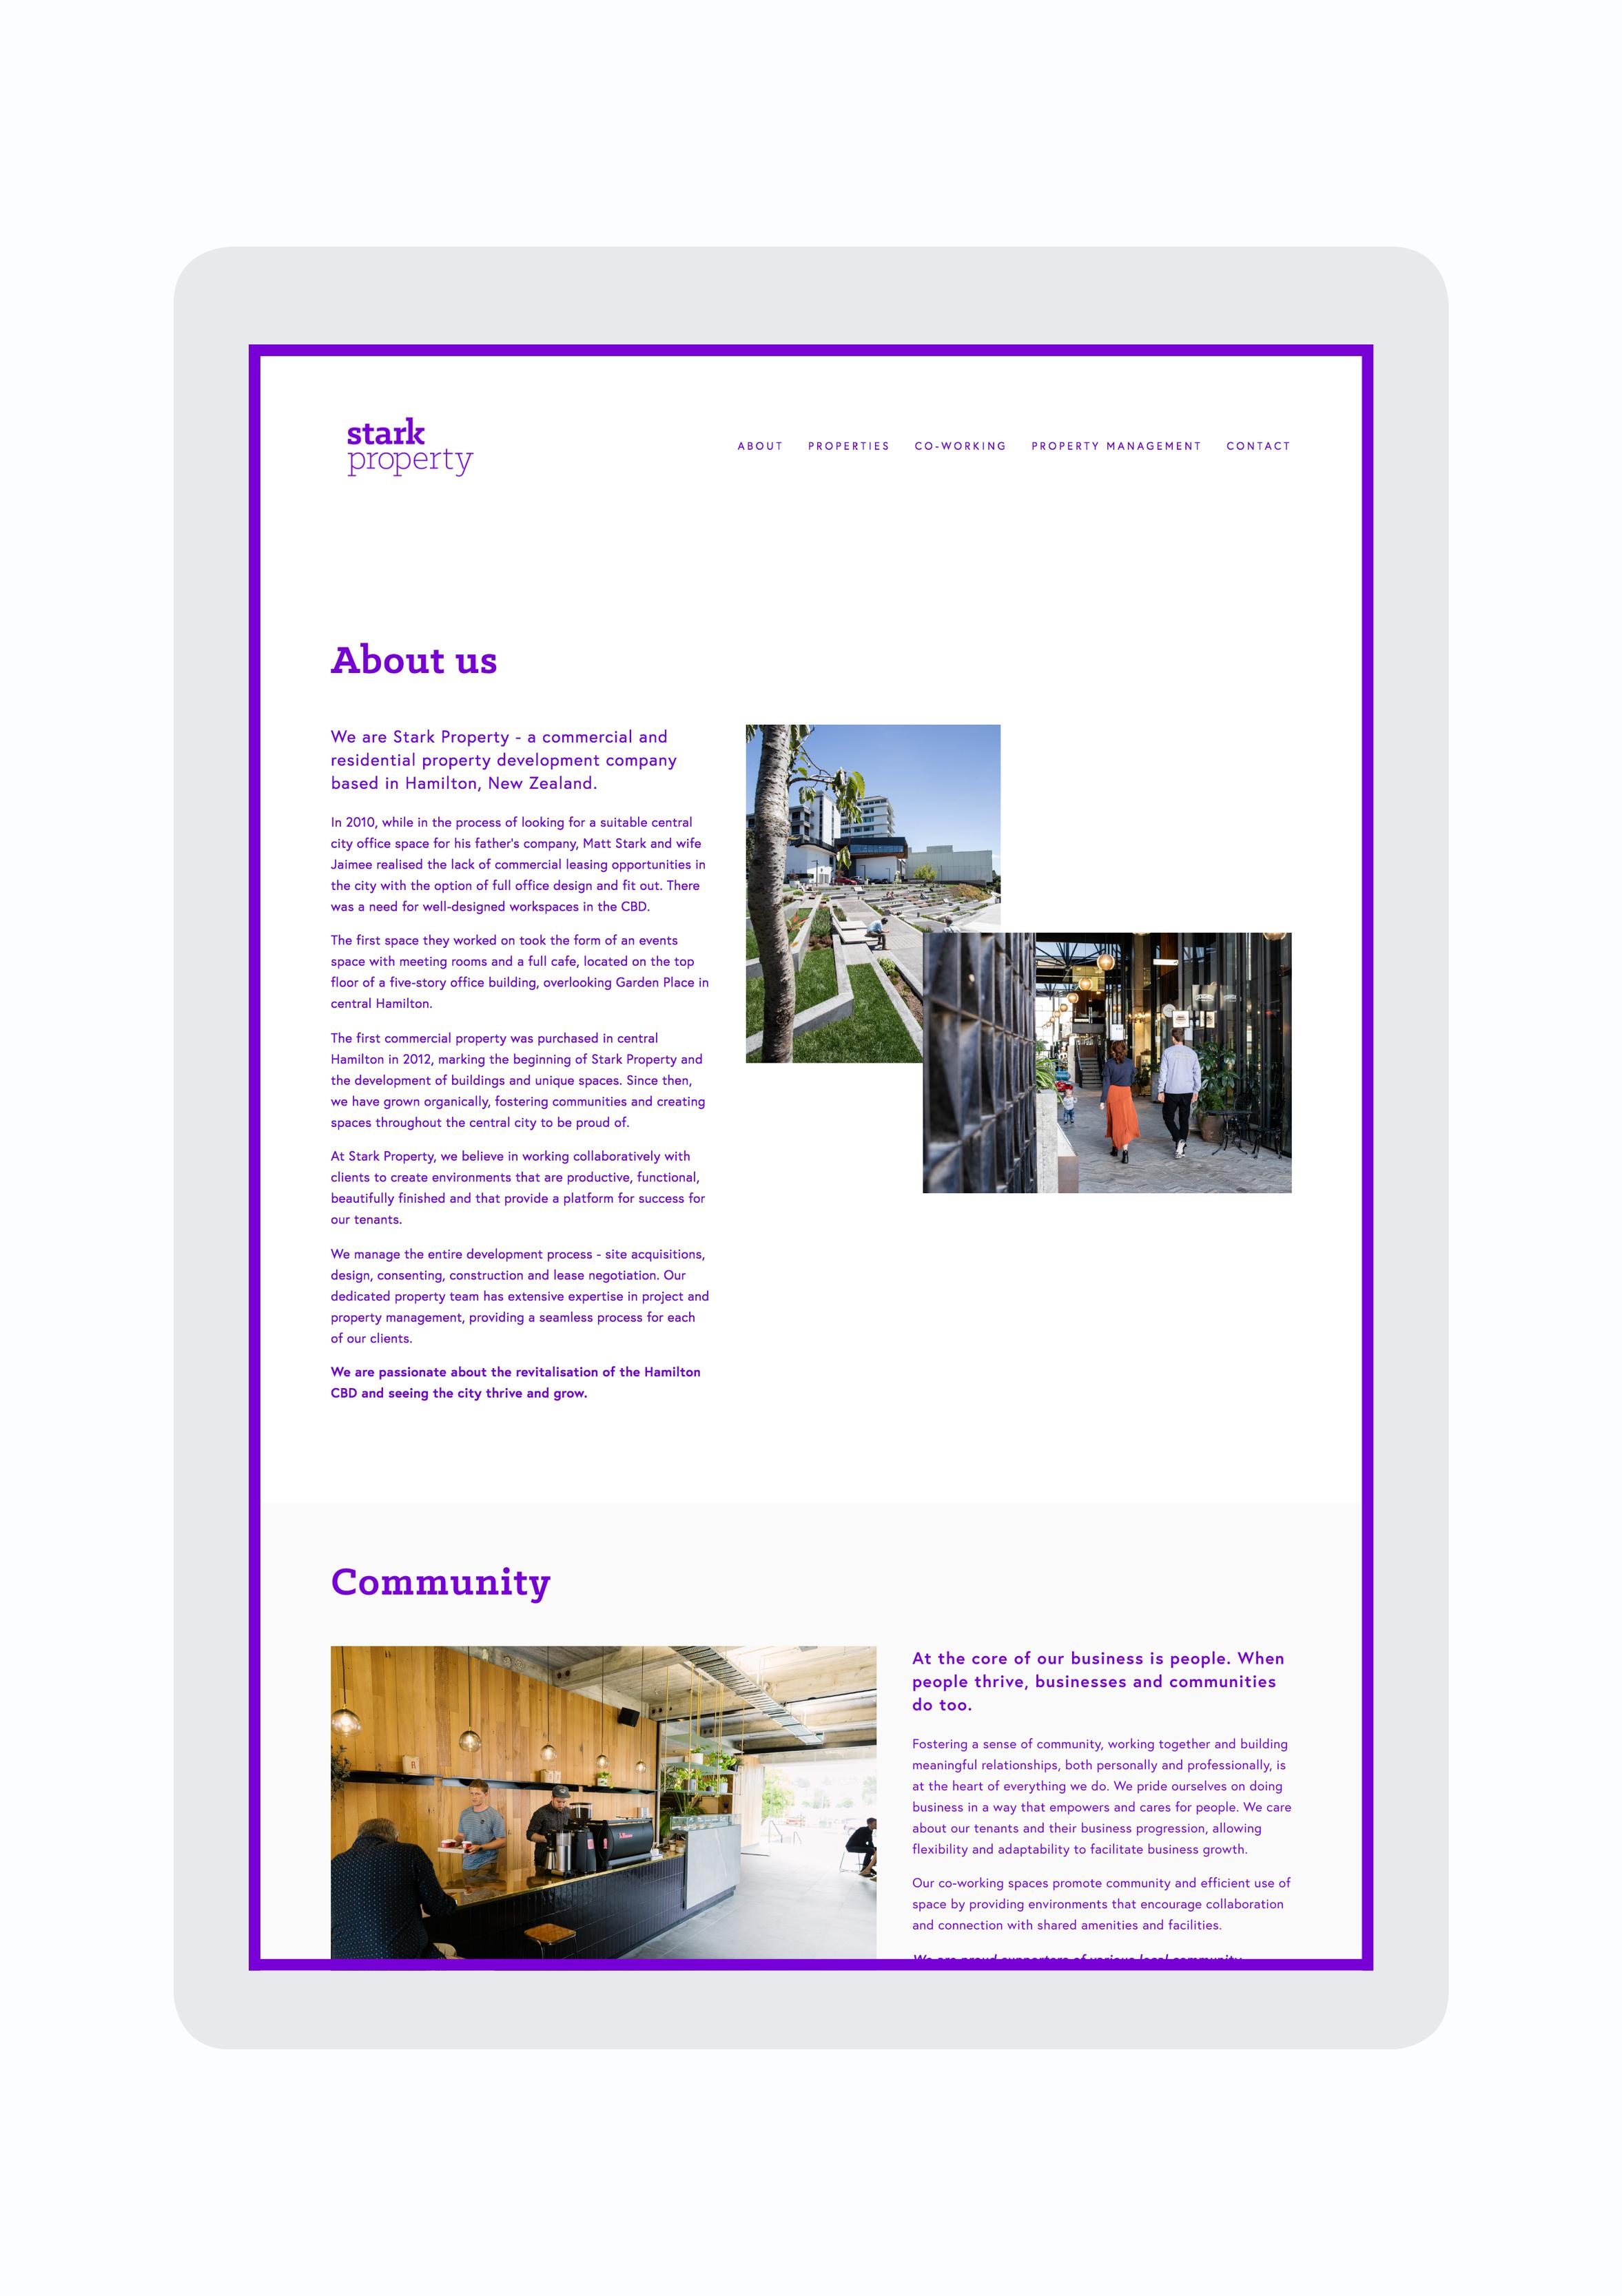 designwell-stark-property-website42.jpg